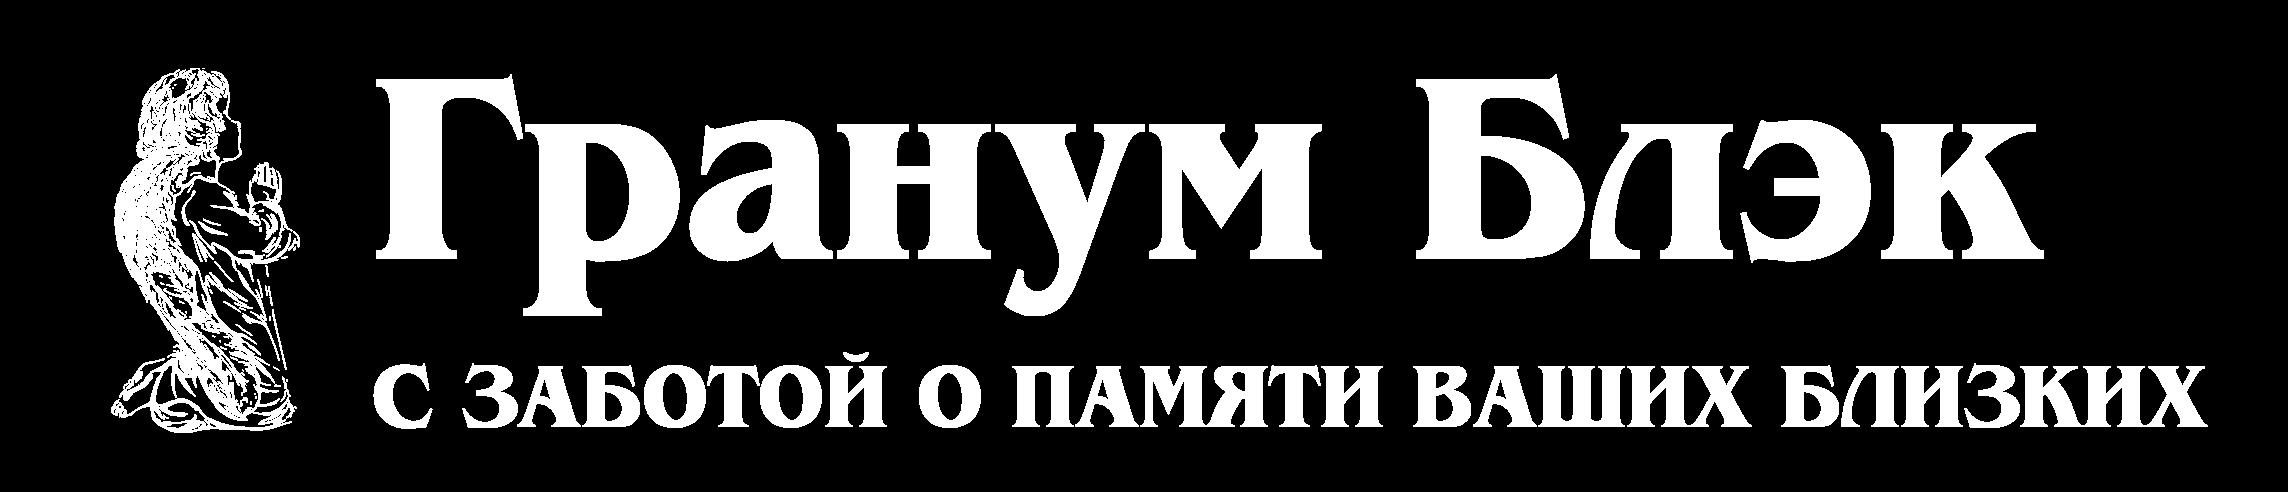 Гранум Блэк